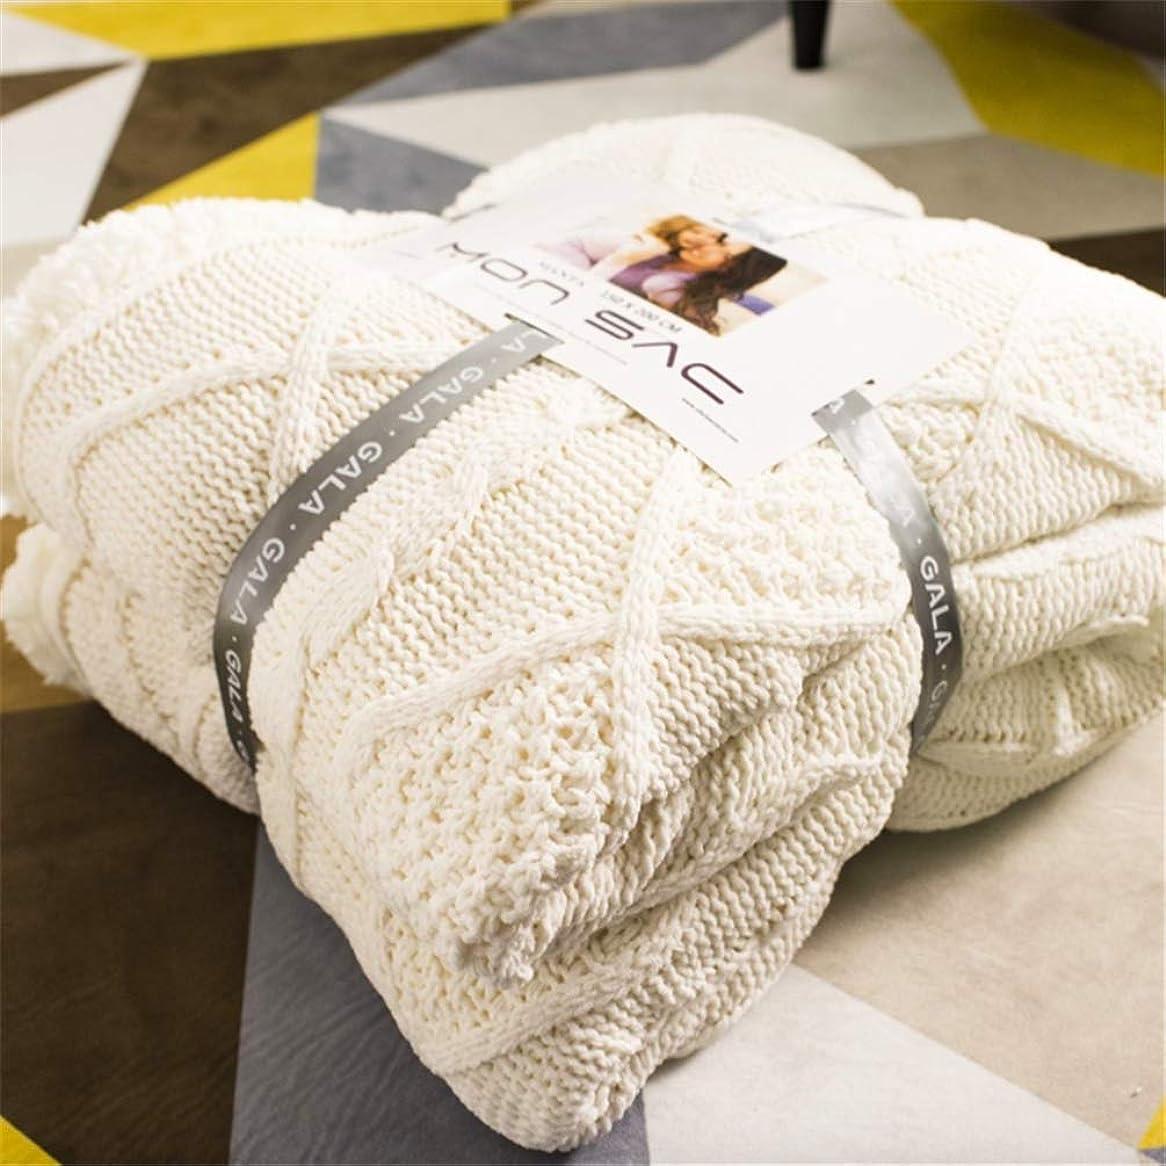 シャッフルによって潮Enipate 毛布 シングル ニットブランケット かわいい 北欧 ひざ掛け 洗える あったか もこもこ 二枚合わせ プレゼント